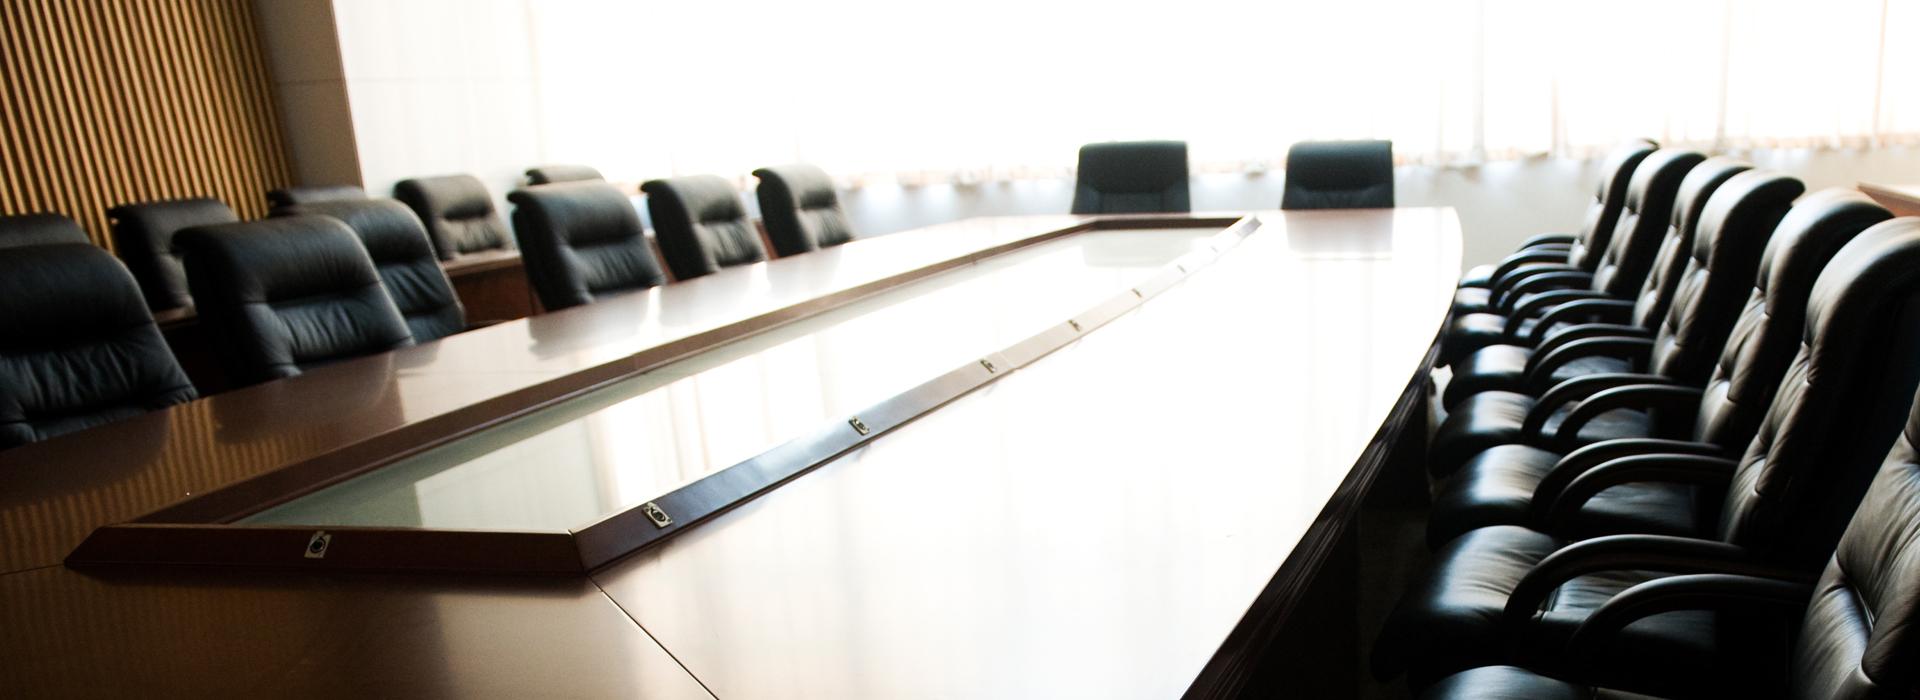 nonprofit board of directors